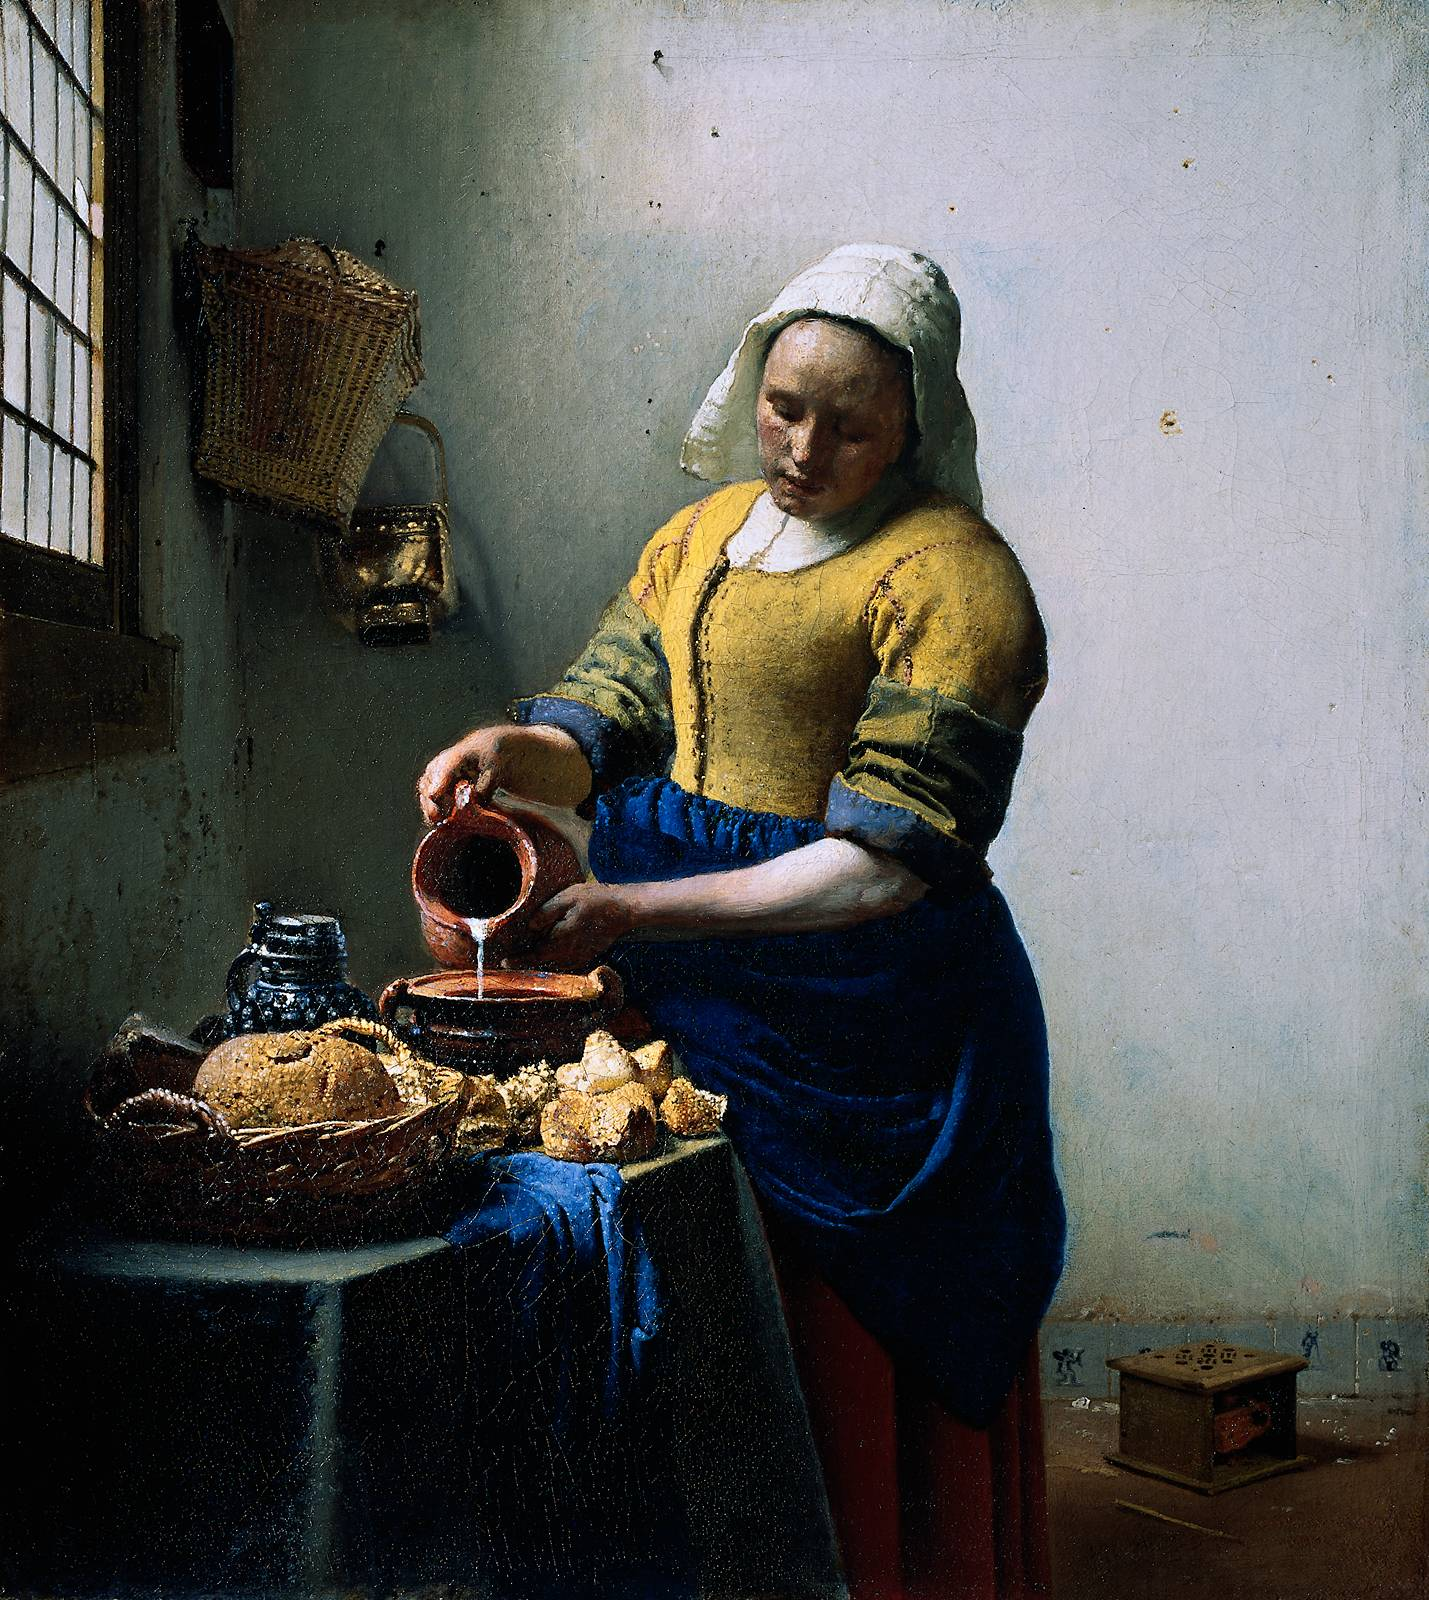 Kitchen Maid : WebMuseum: Vermeer, Jan: The Kitchen Maid